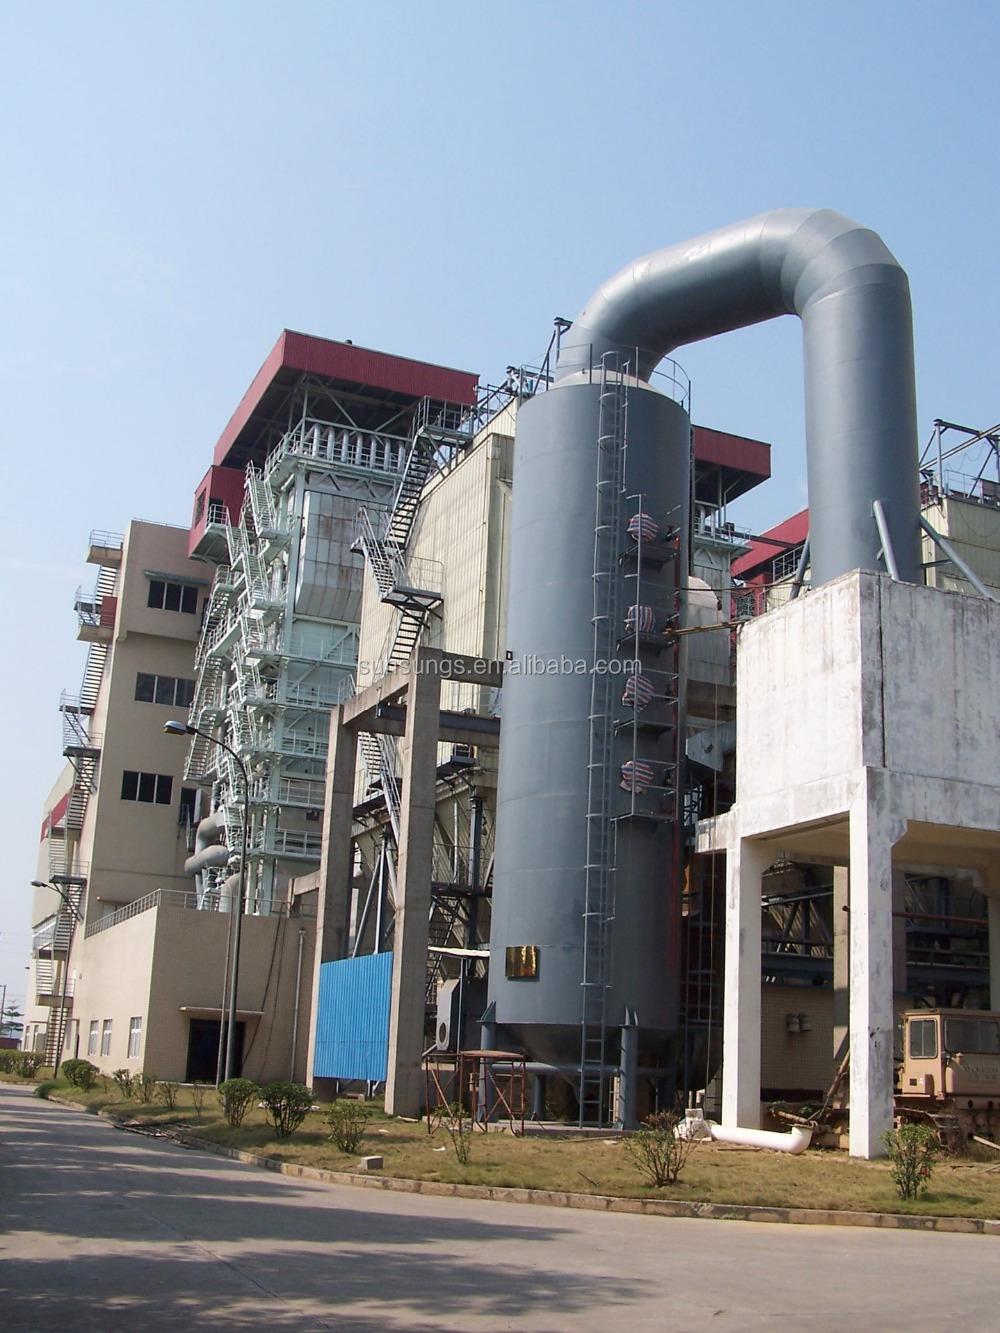 PP gas purification absorption column equipment air